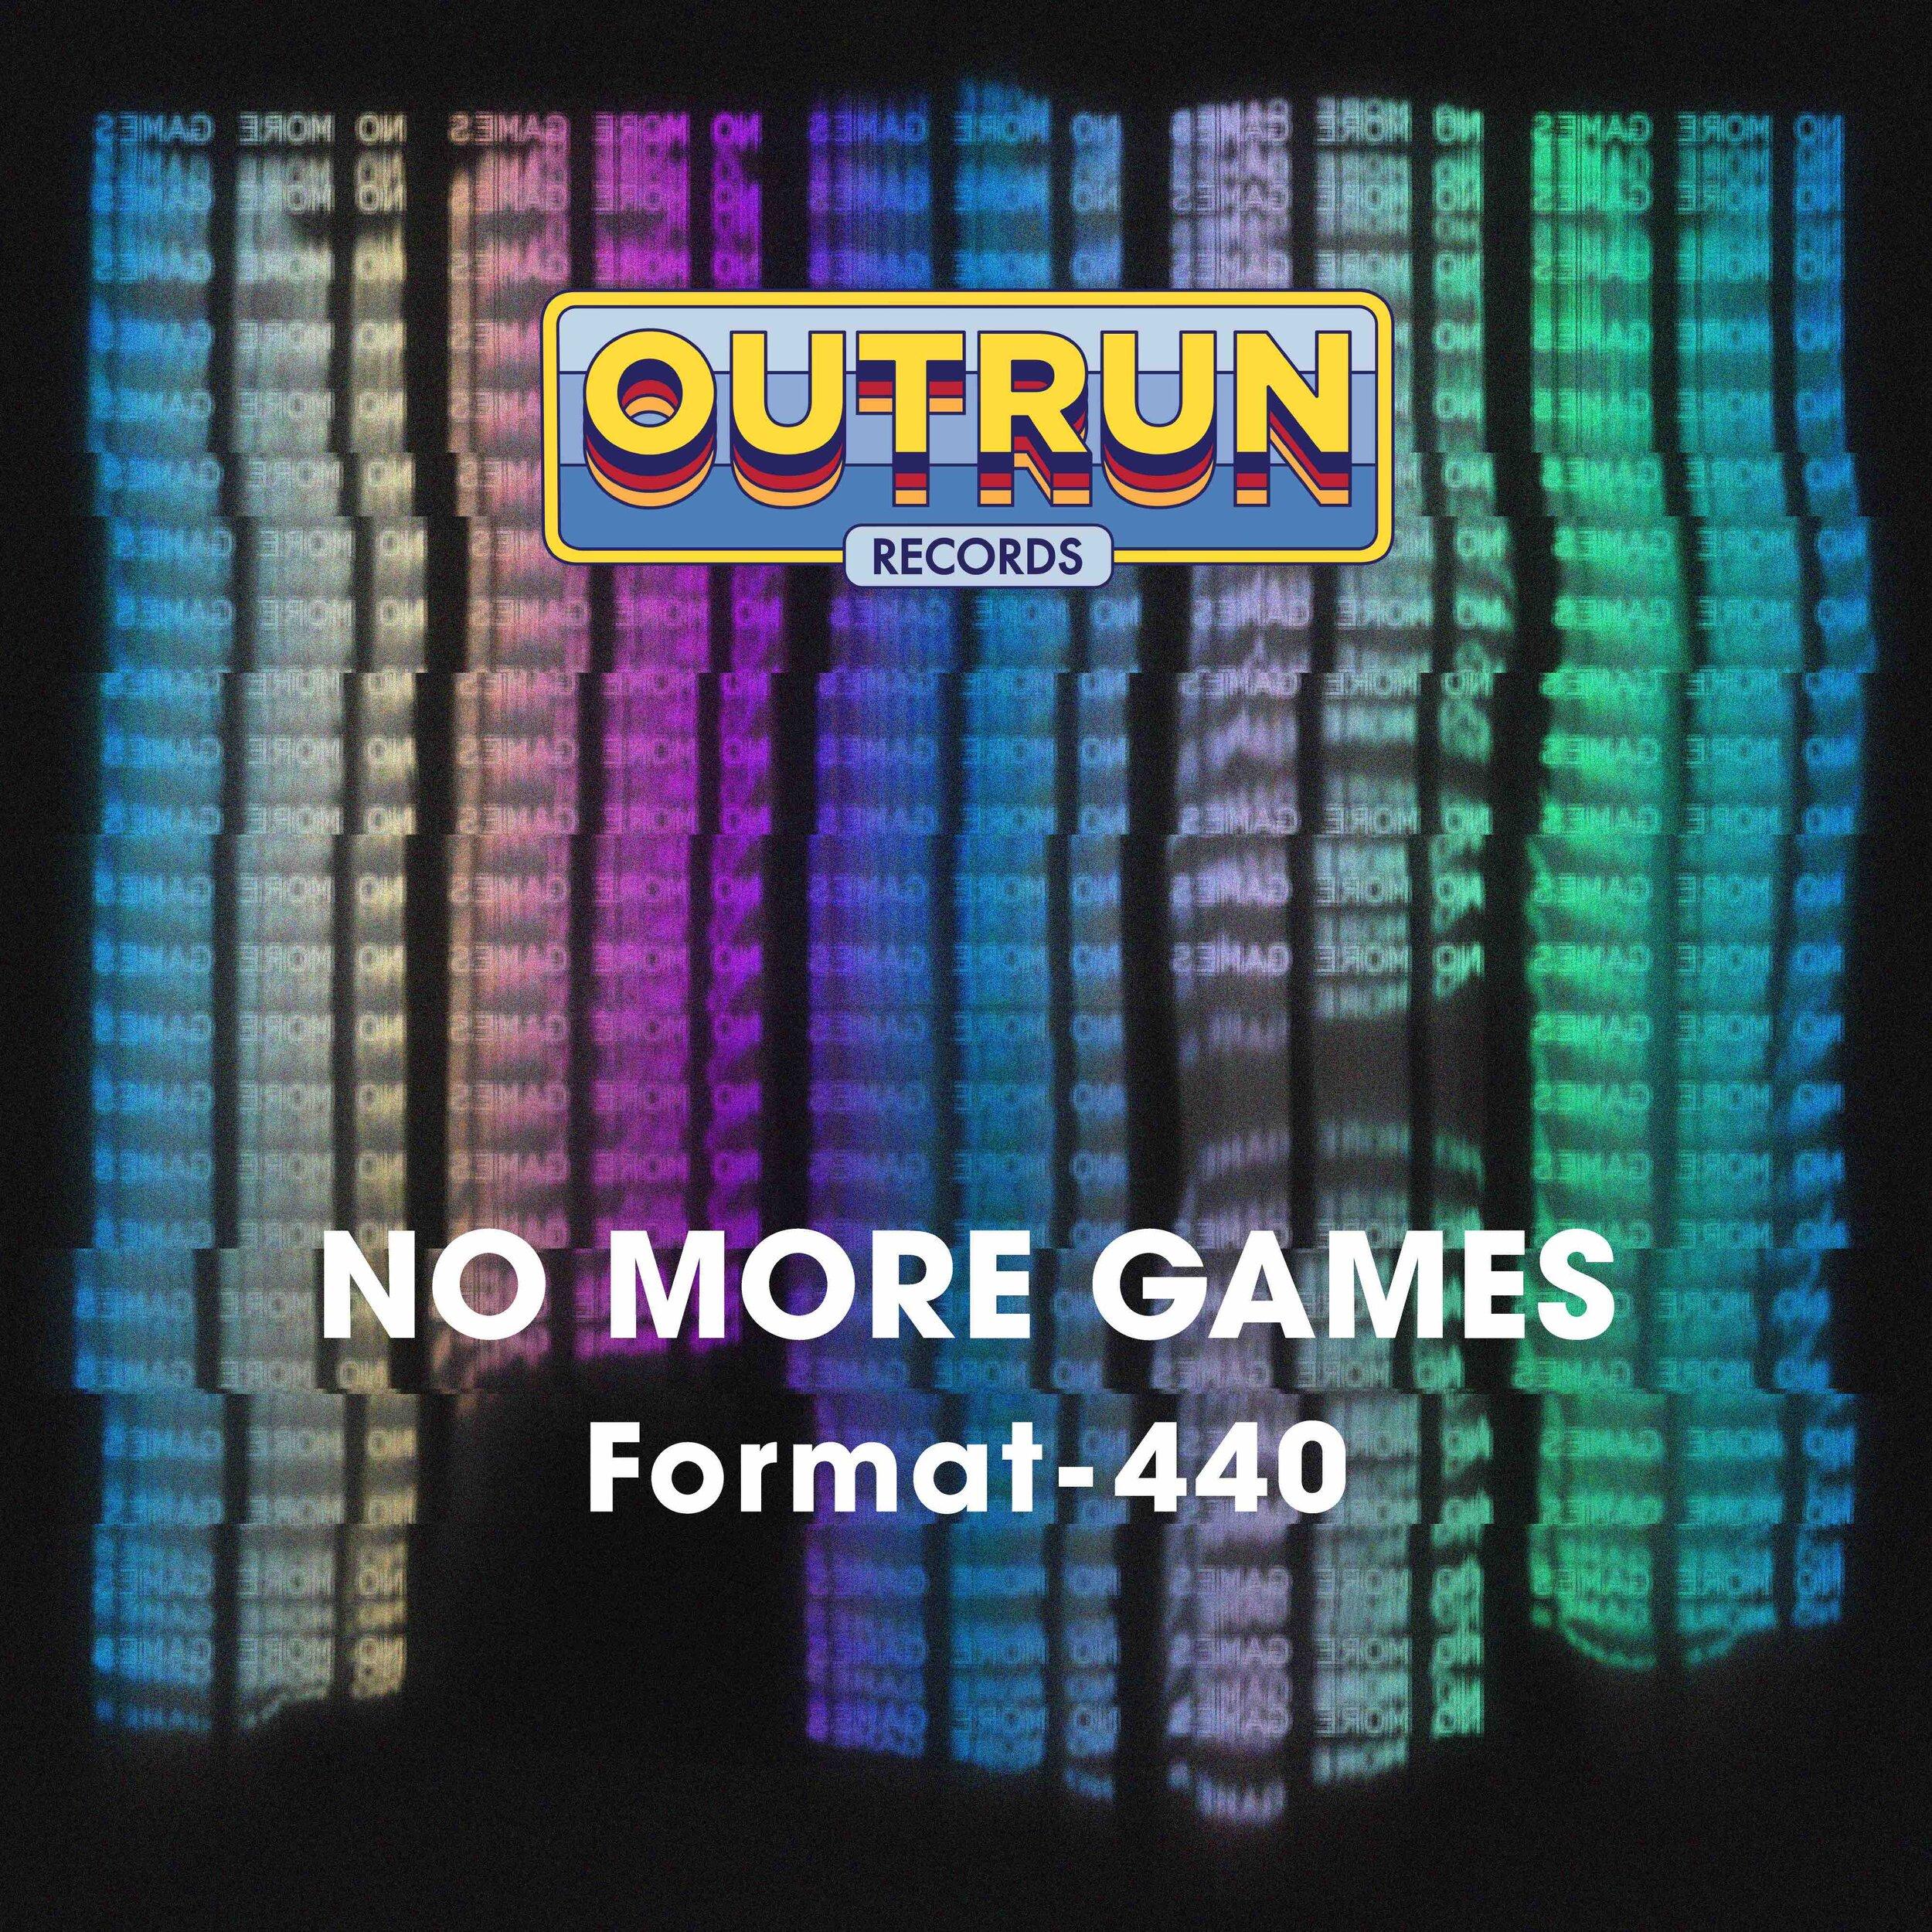 OUTRUN_Format-440_NoMoreGames.jpg